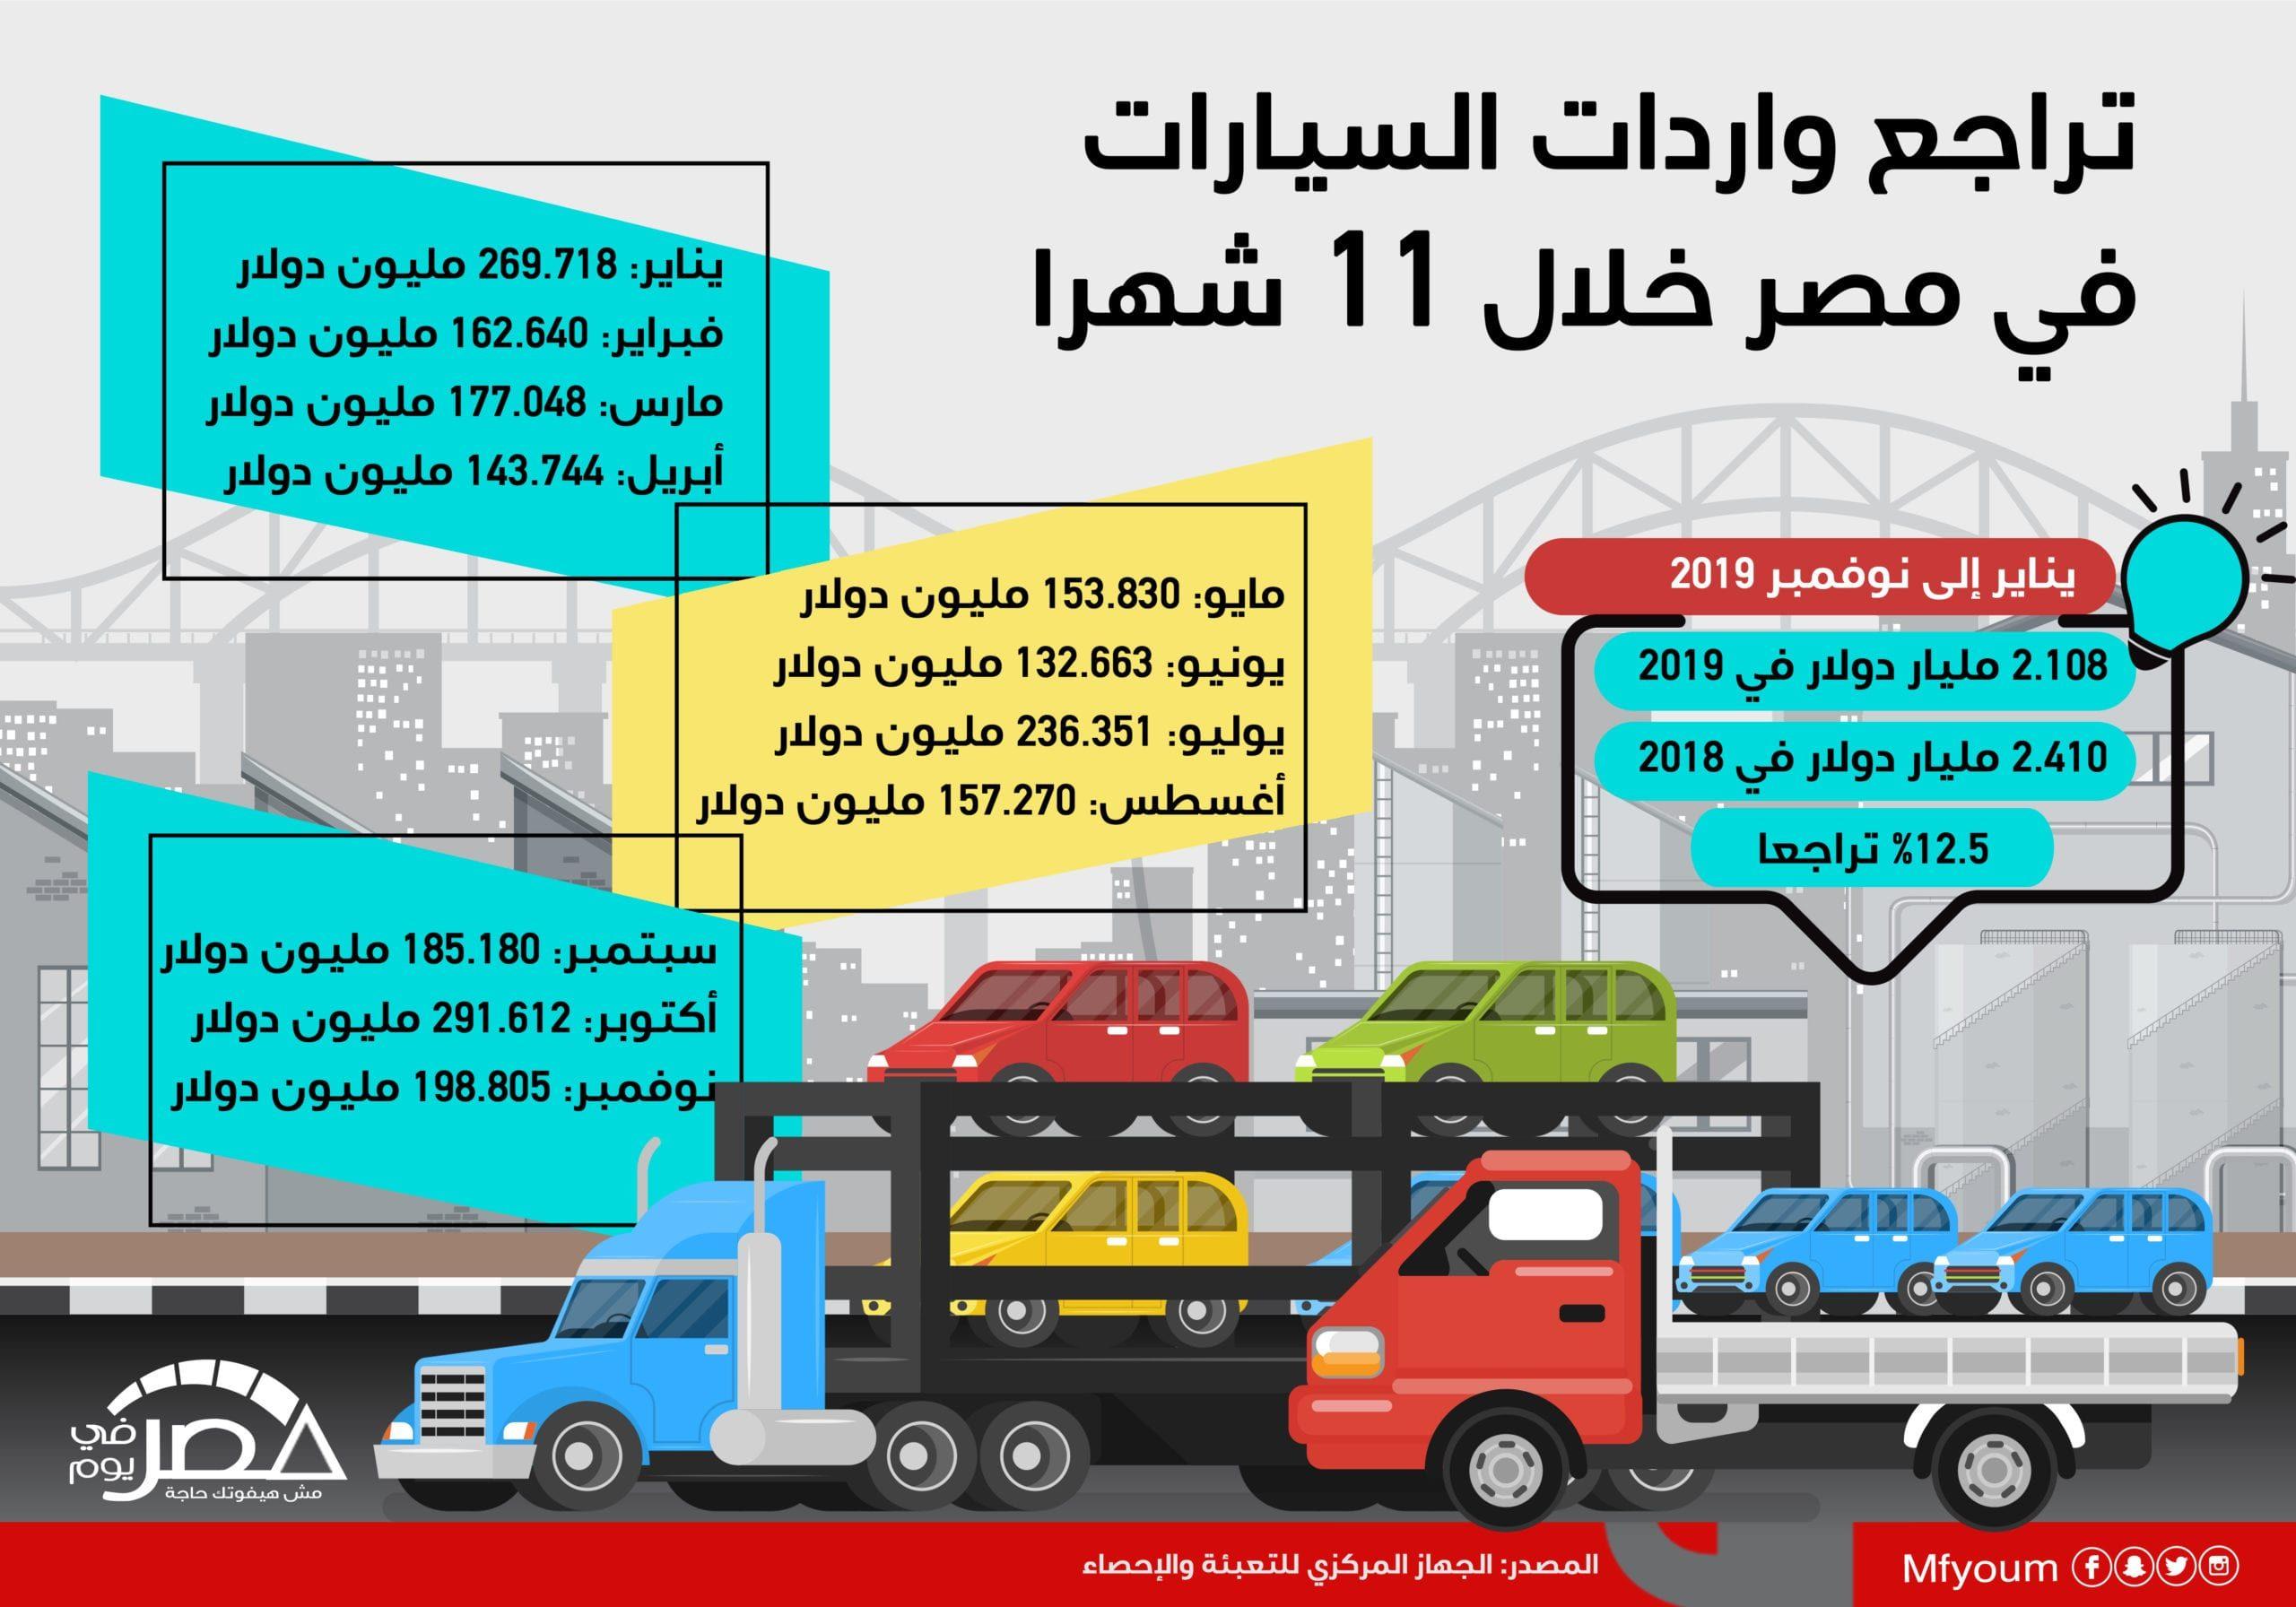 واردات السيارات في مصر